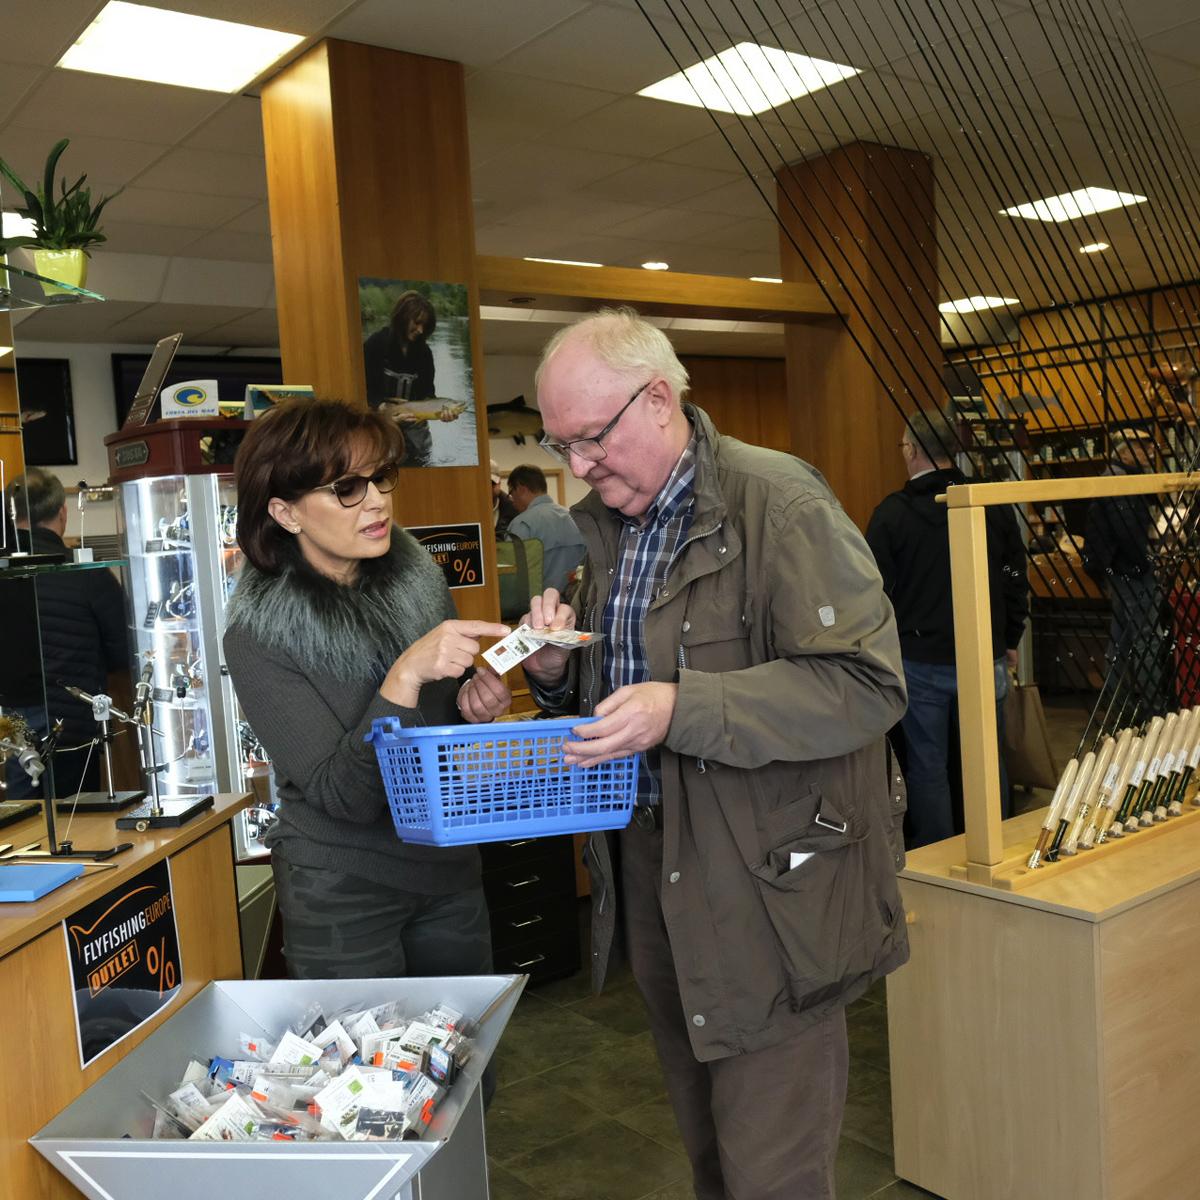 Mirjana Pavlic beim beraten von Kunden